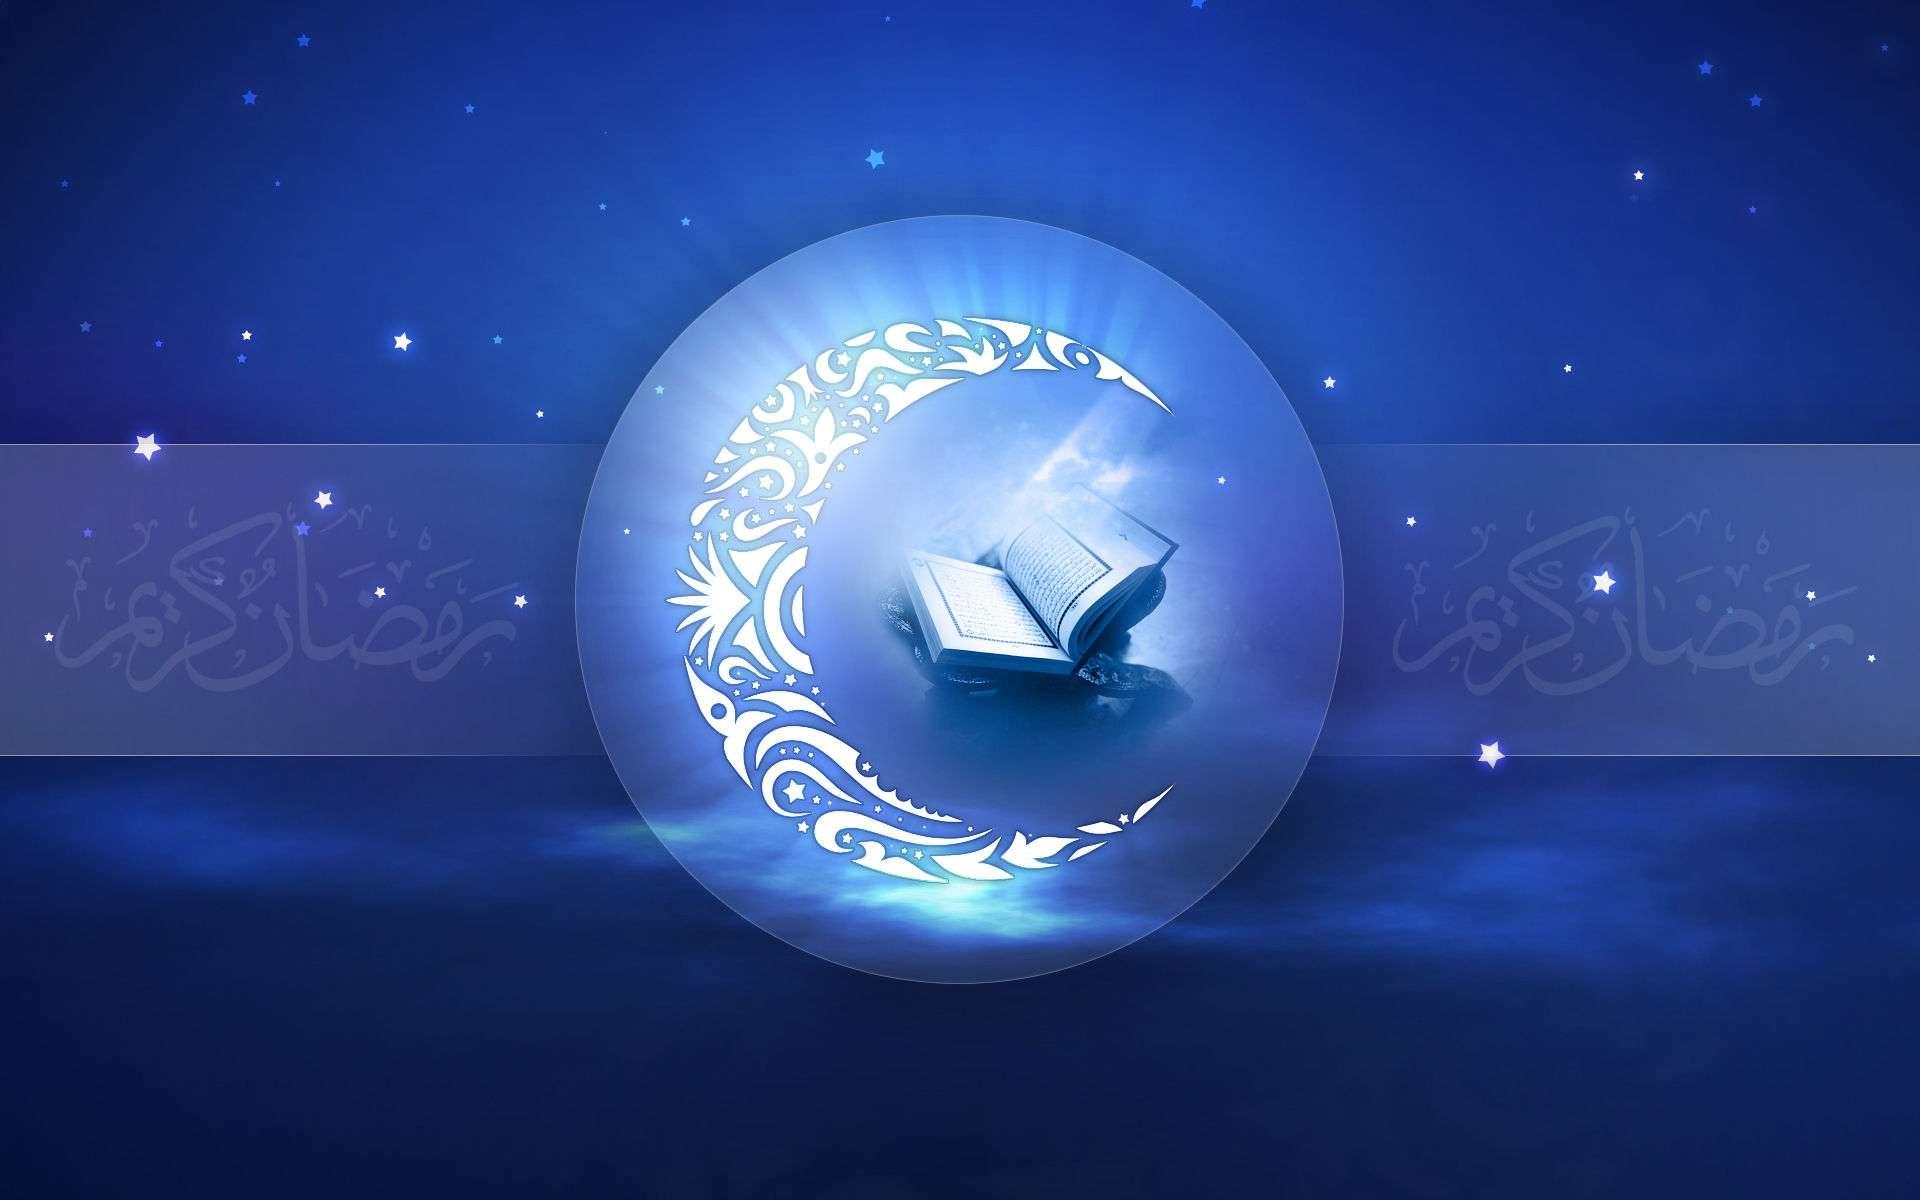 Islam Wallpaper 034